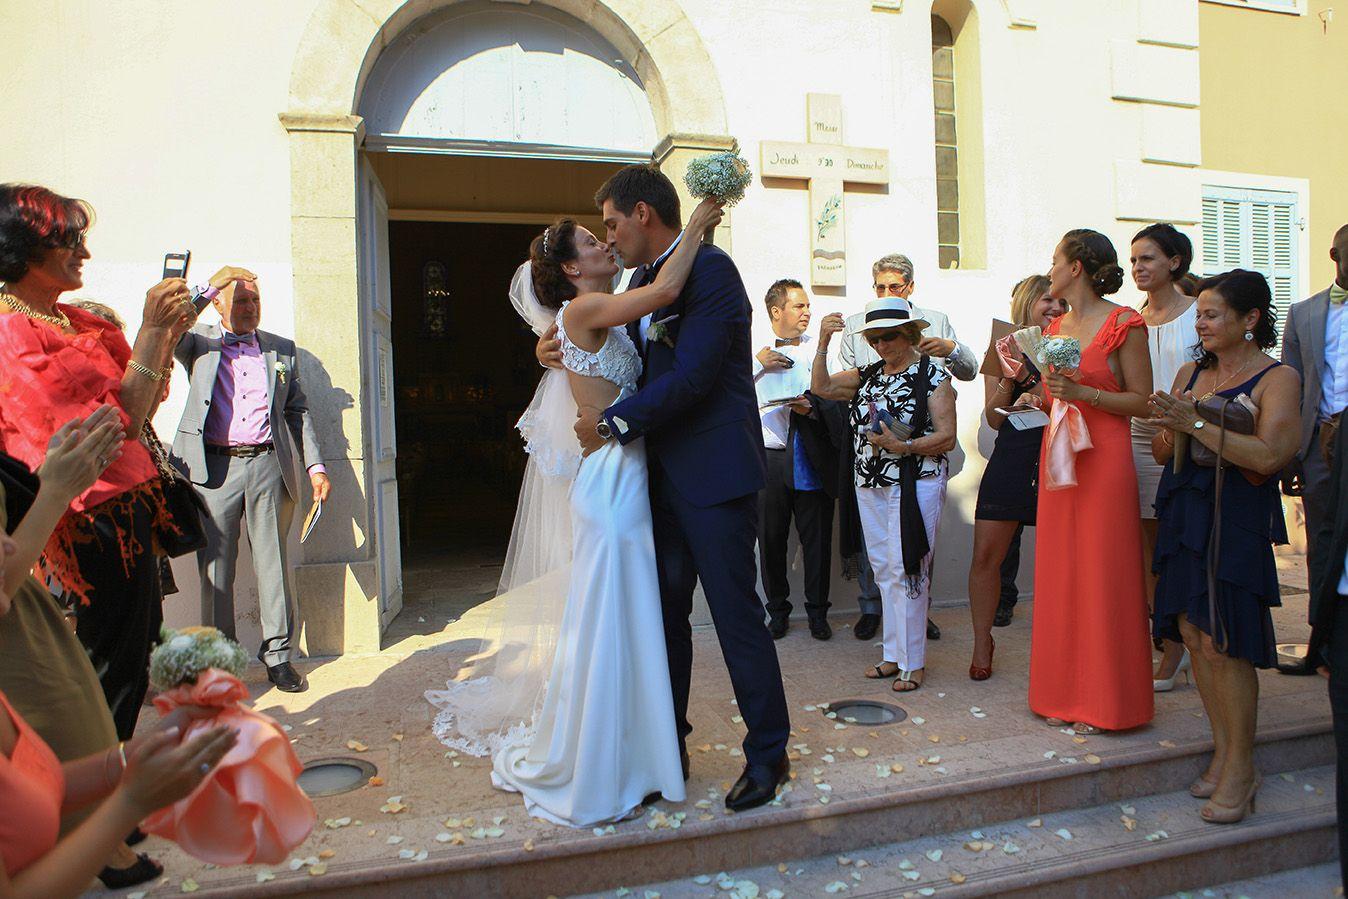 Photographe Mariage à l'Hôtel l'Orée du Bois à Le Muy et au Logis du Guetteur puis au Domaine du Broc à les Arcs sur Argens montpellier herault nimes gard sud languedoc roussillon midi pyrenees